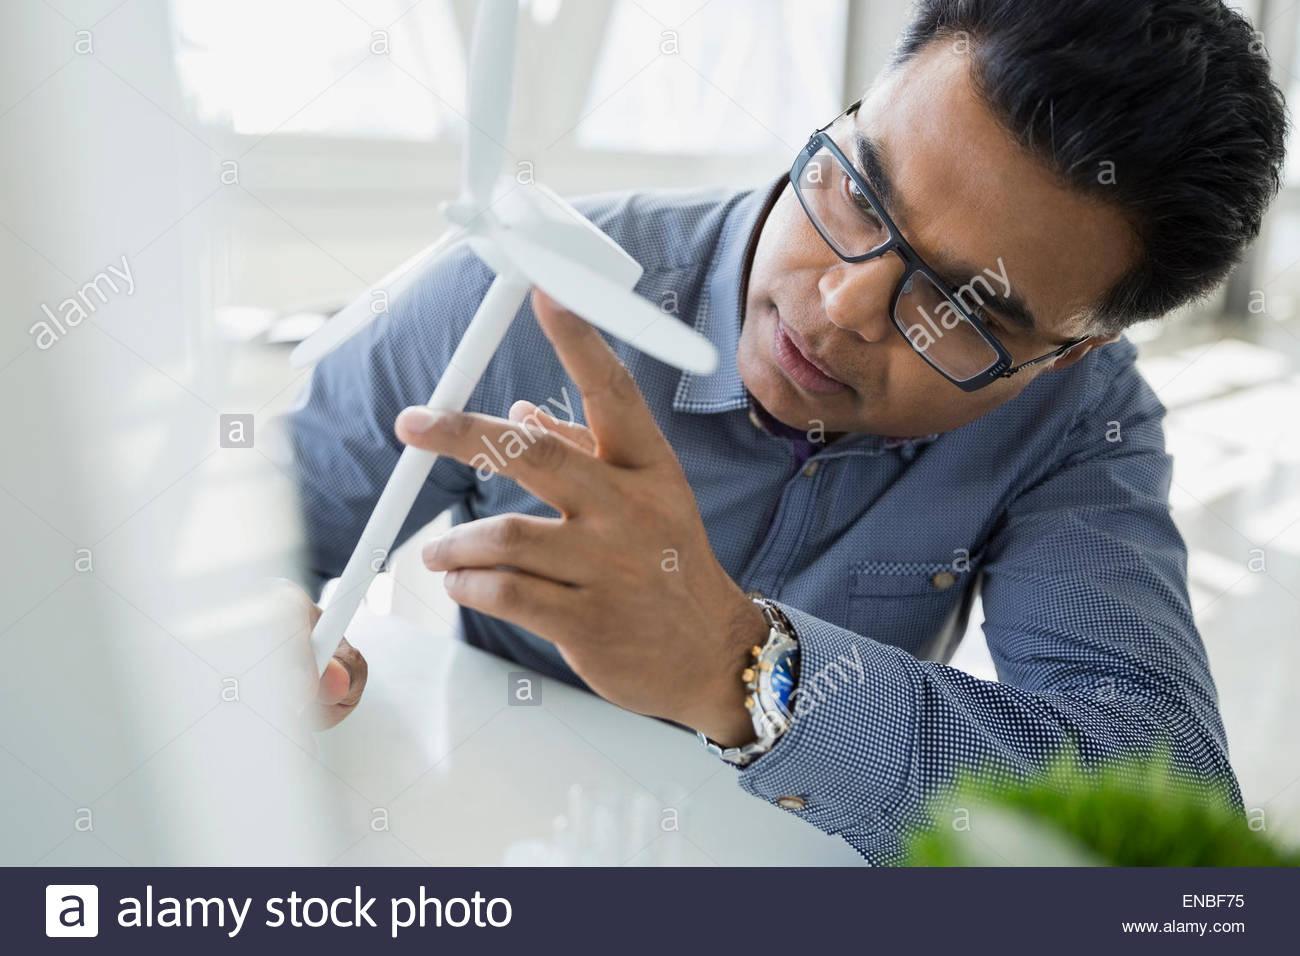 Los científicos serios examinando el aerogenerador Imagen De Stock